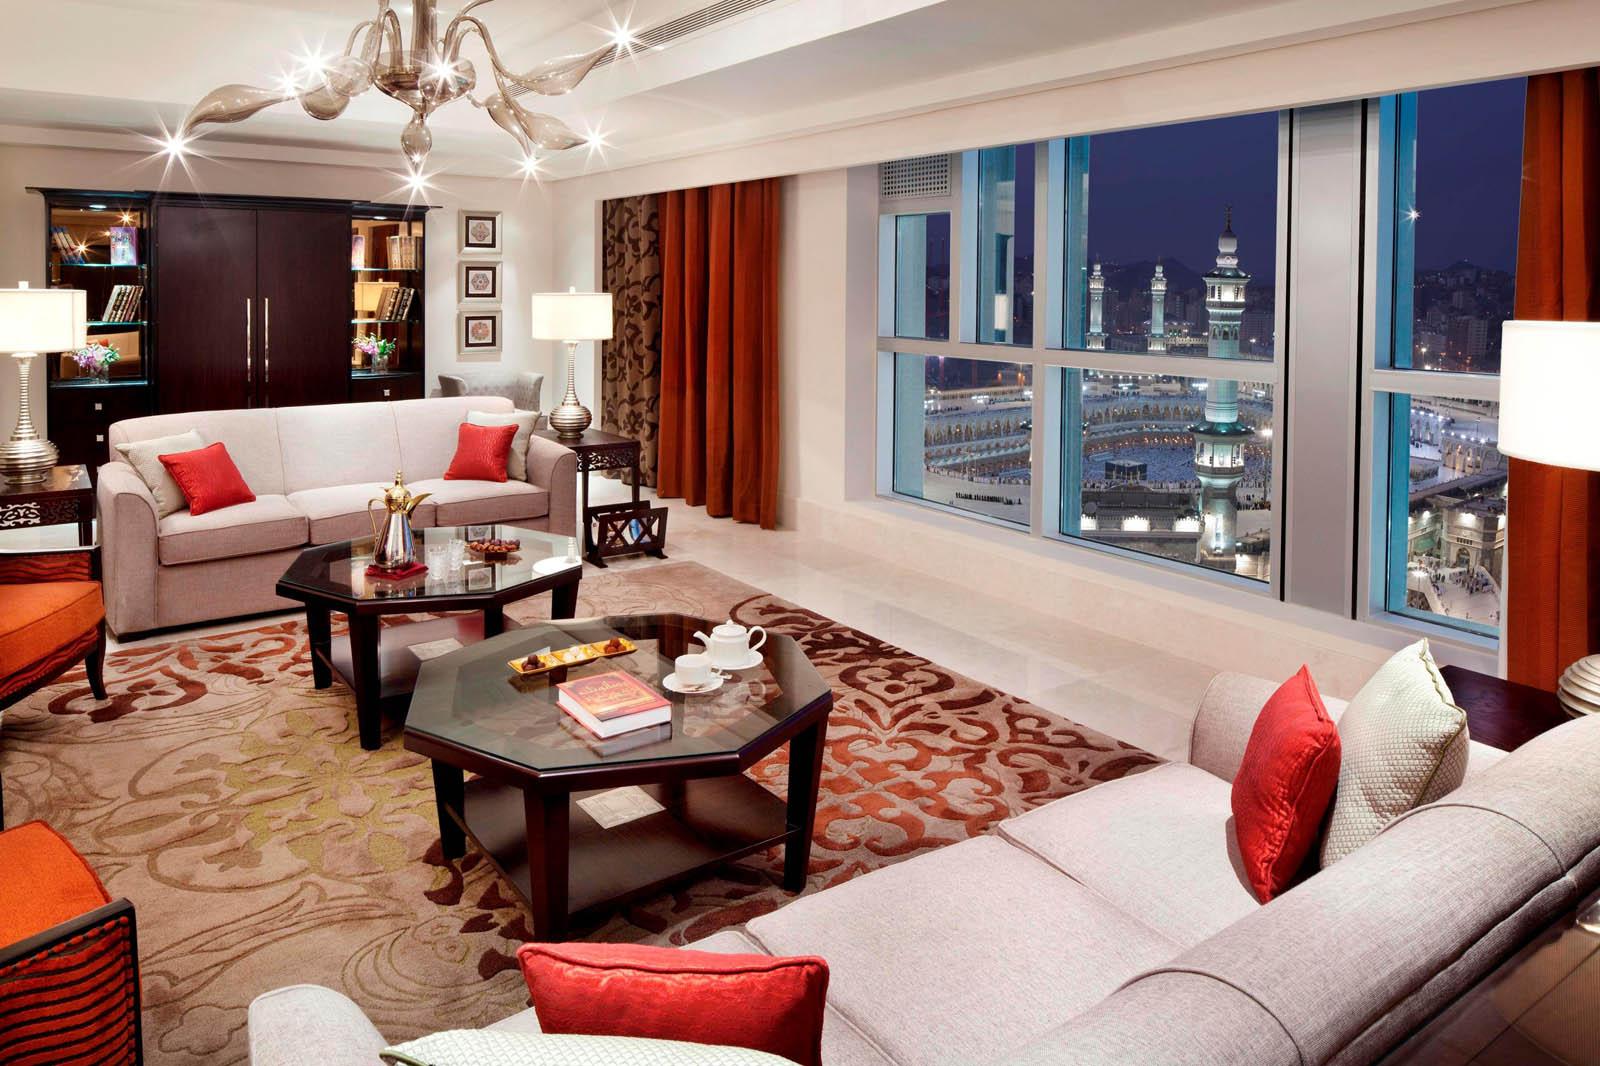 فندق مطل على الحرم - صفحة 3 Makkah-Royal-Clock-Tower-Hotel_13